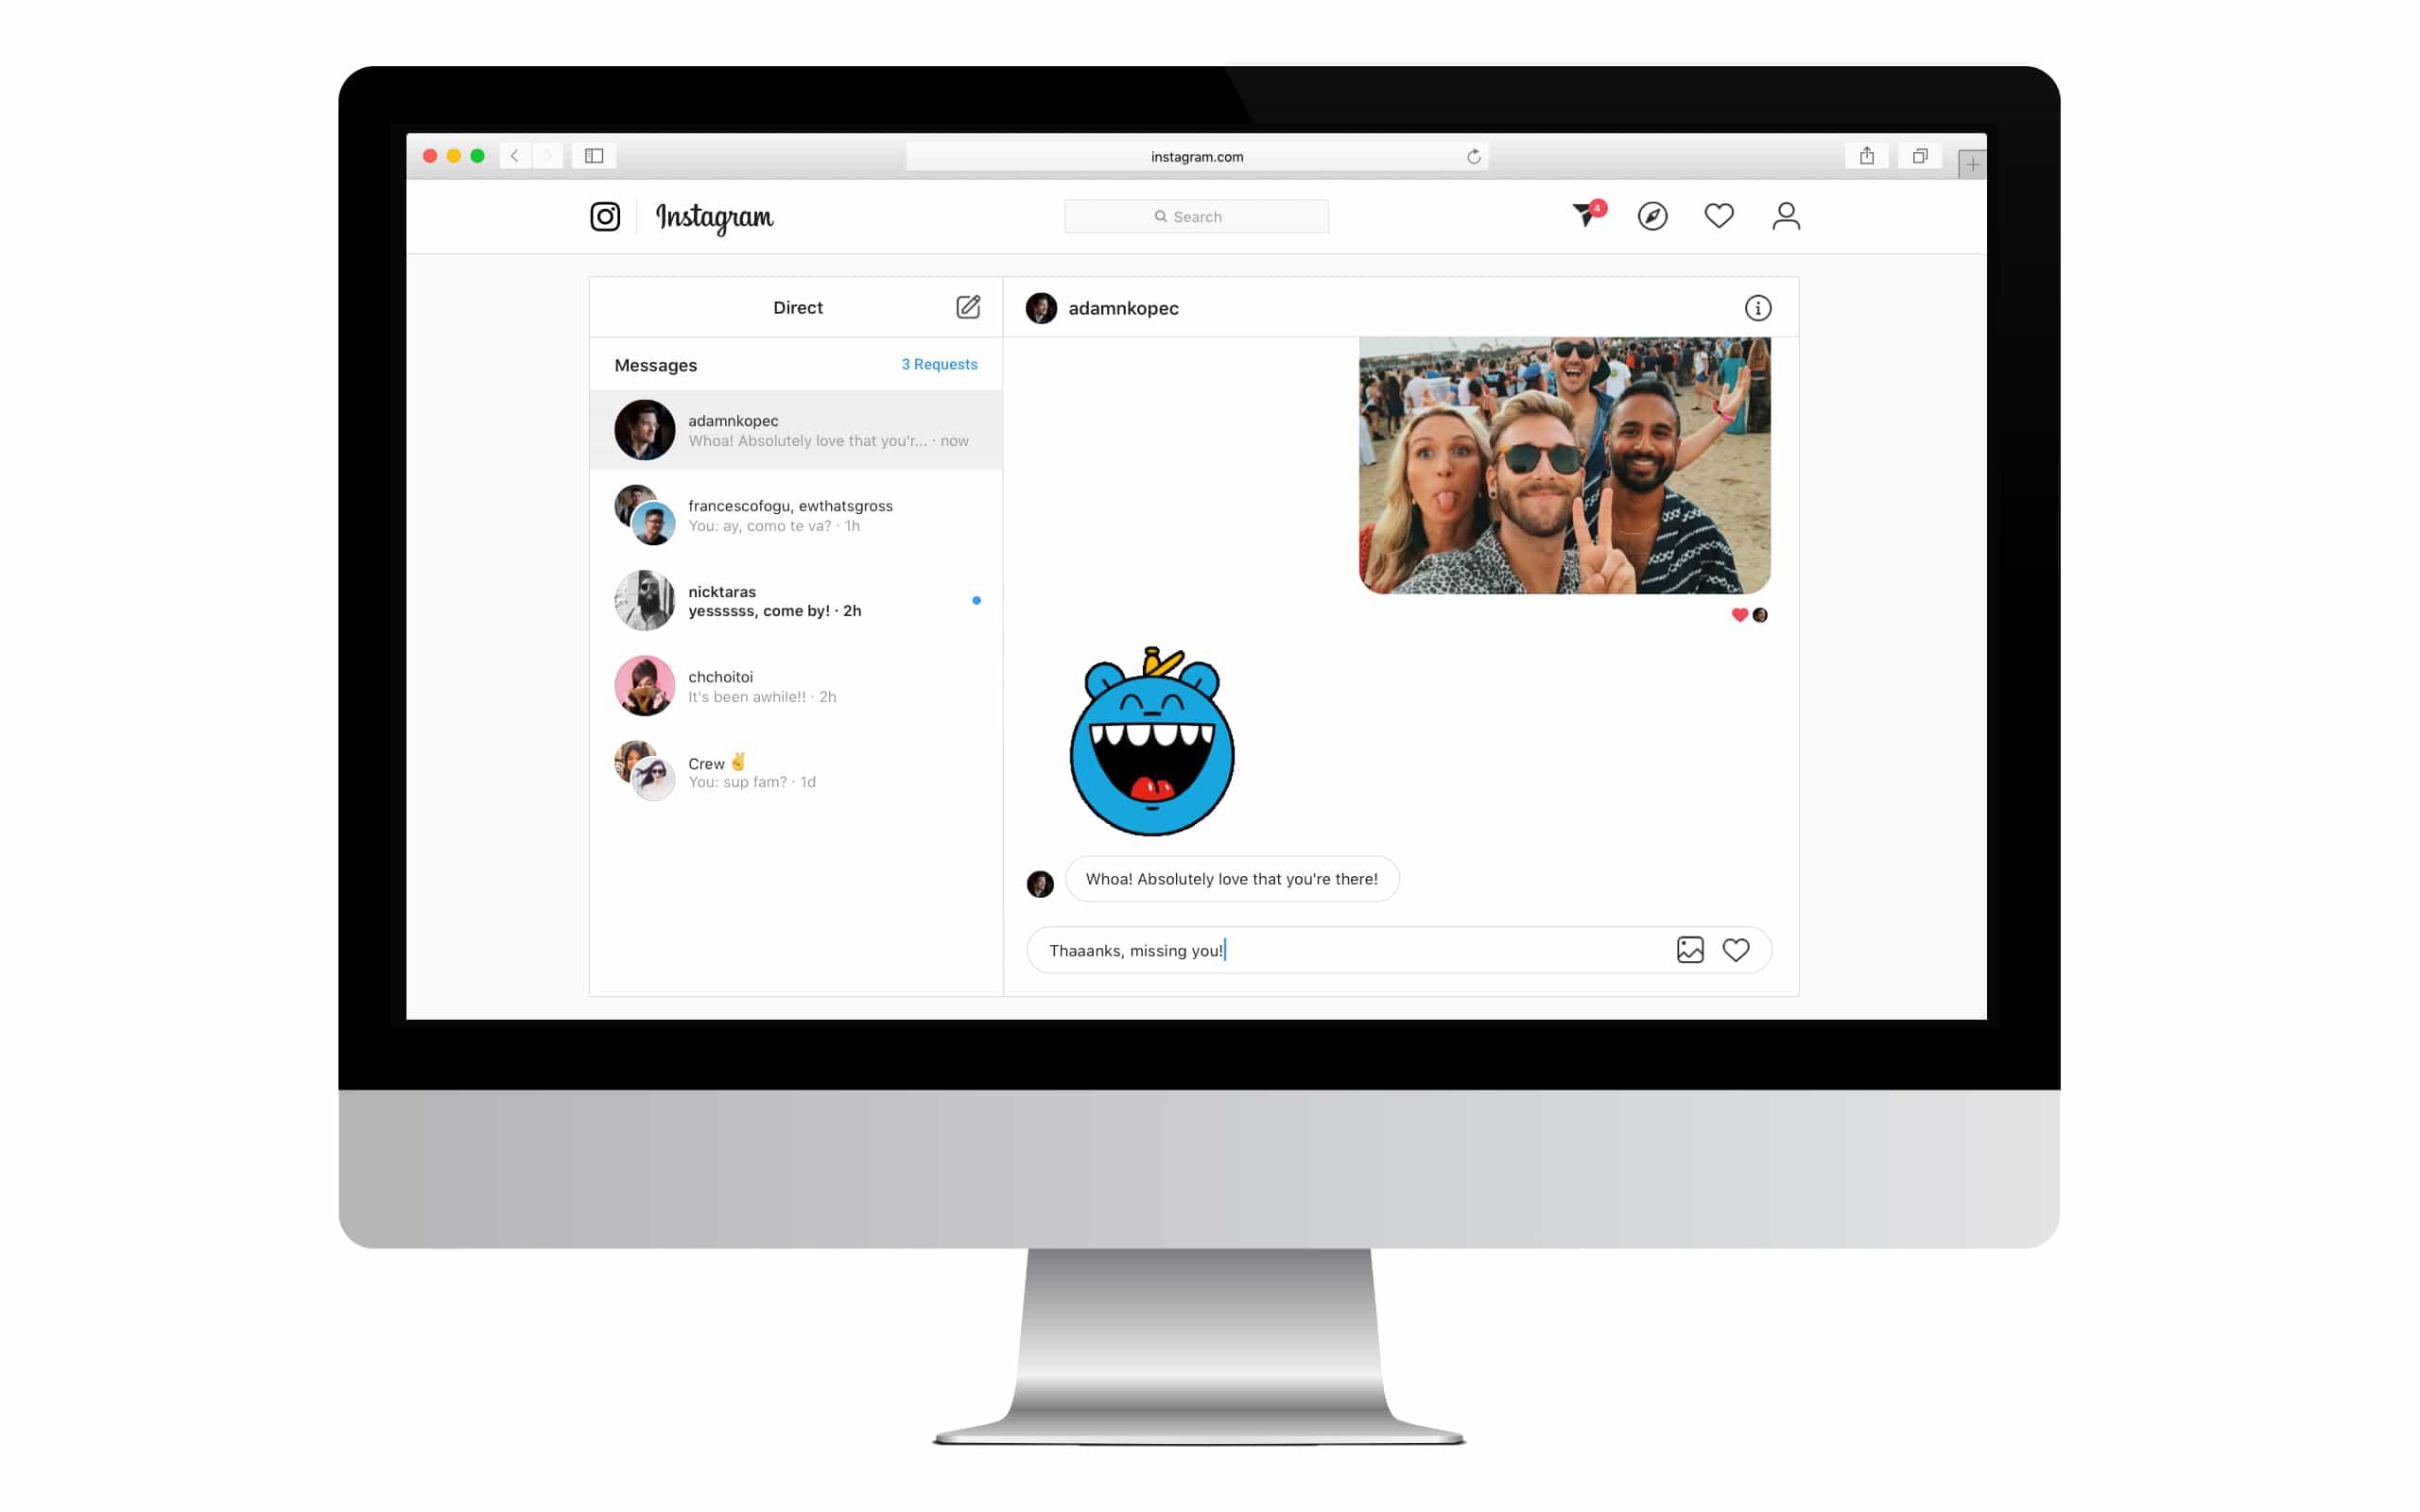 نسخه وب اینستاگرام